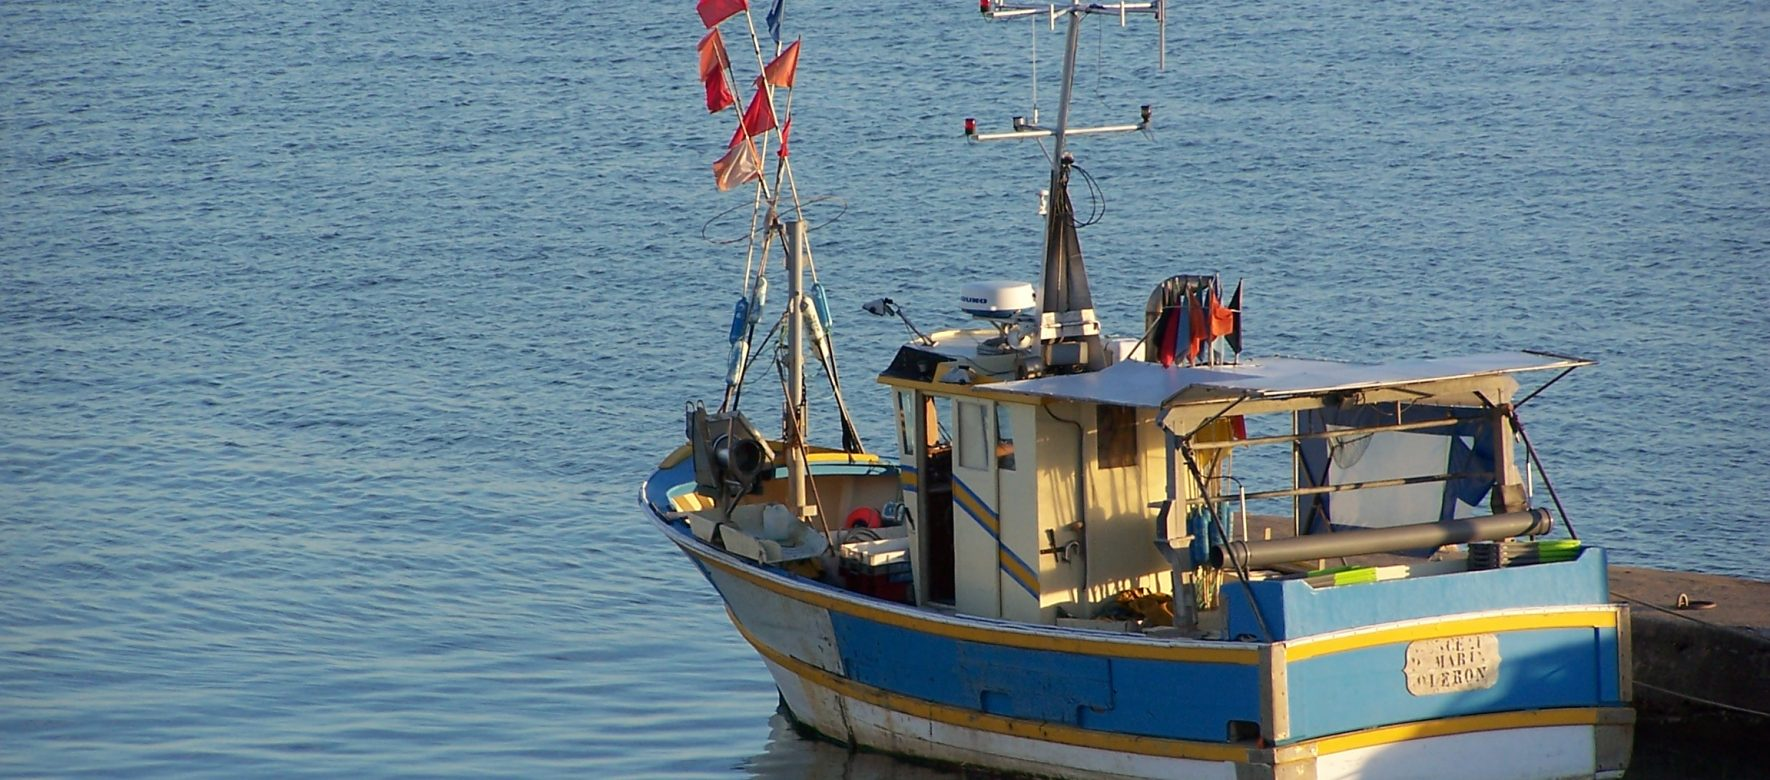 Pour changer la pêche en Méditerranée, il faut changer la pêche artisanale